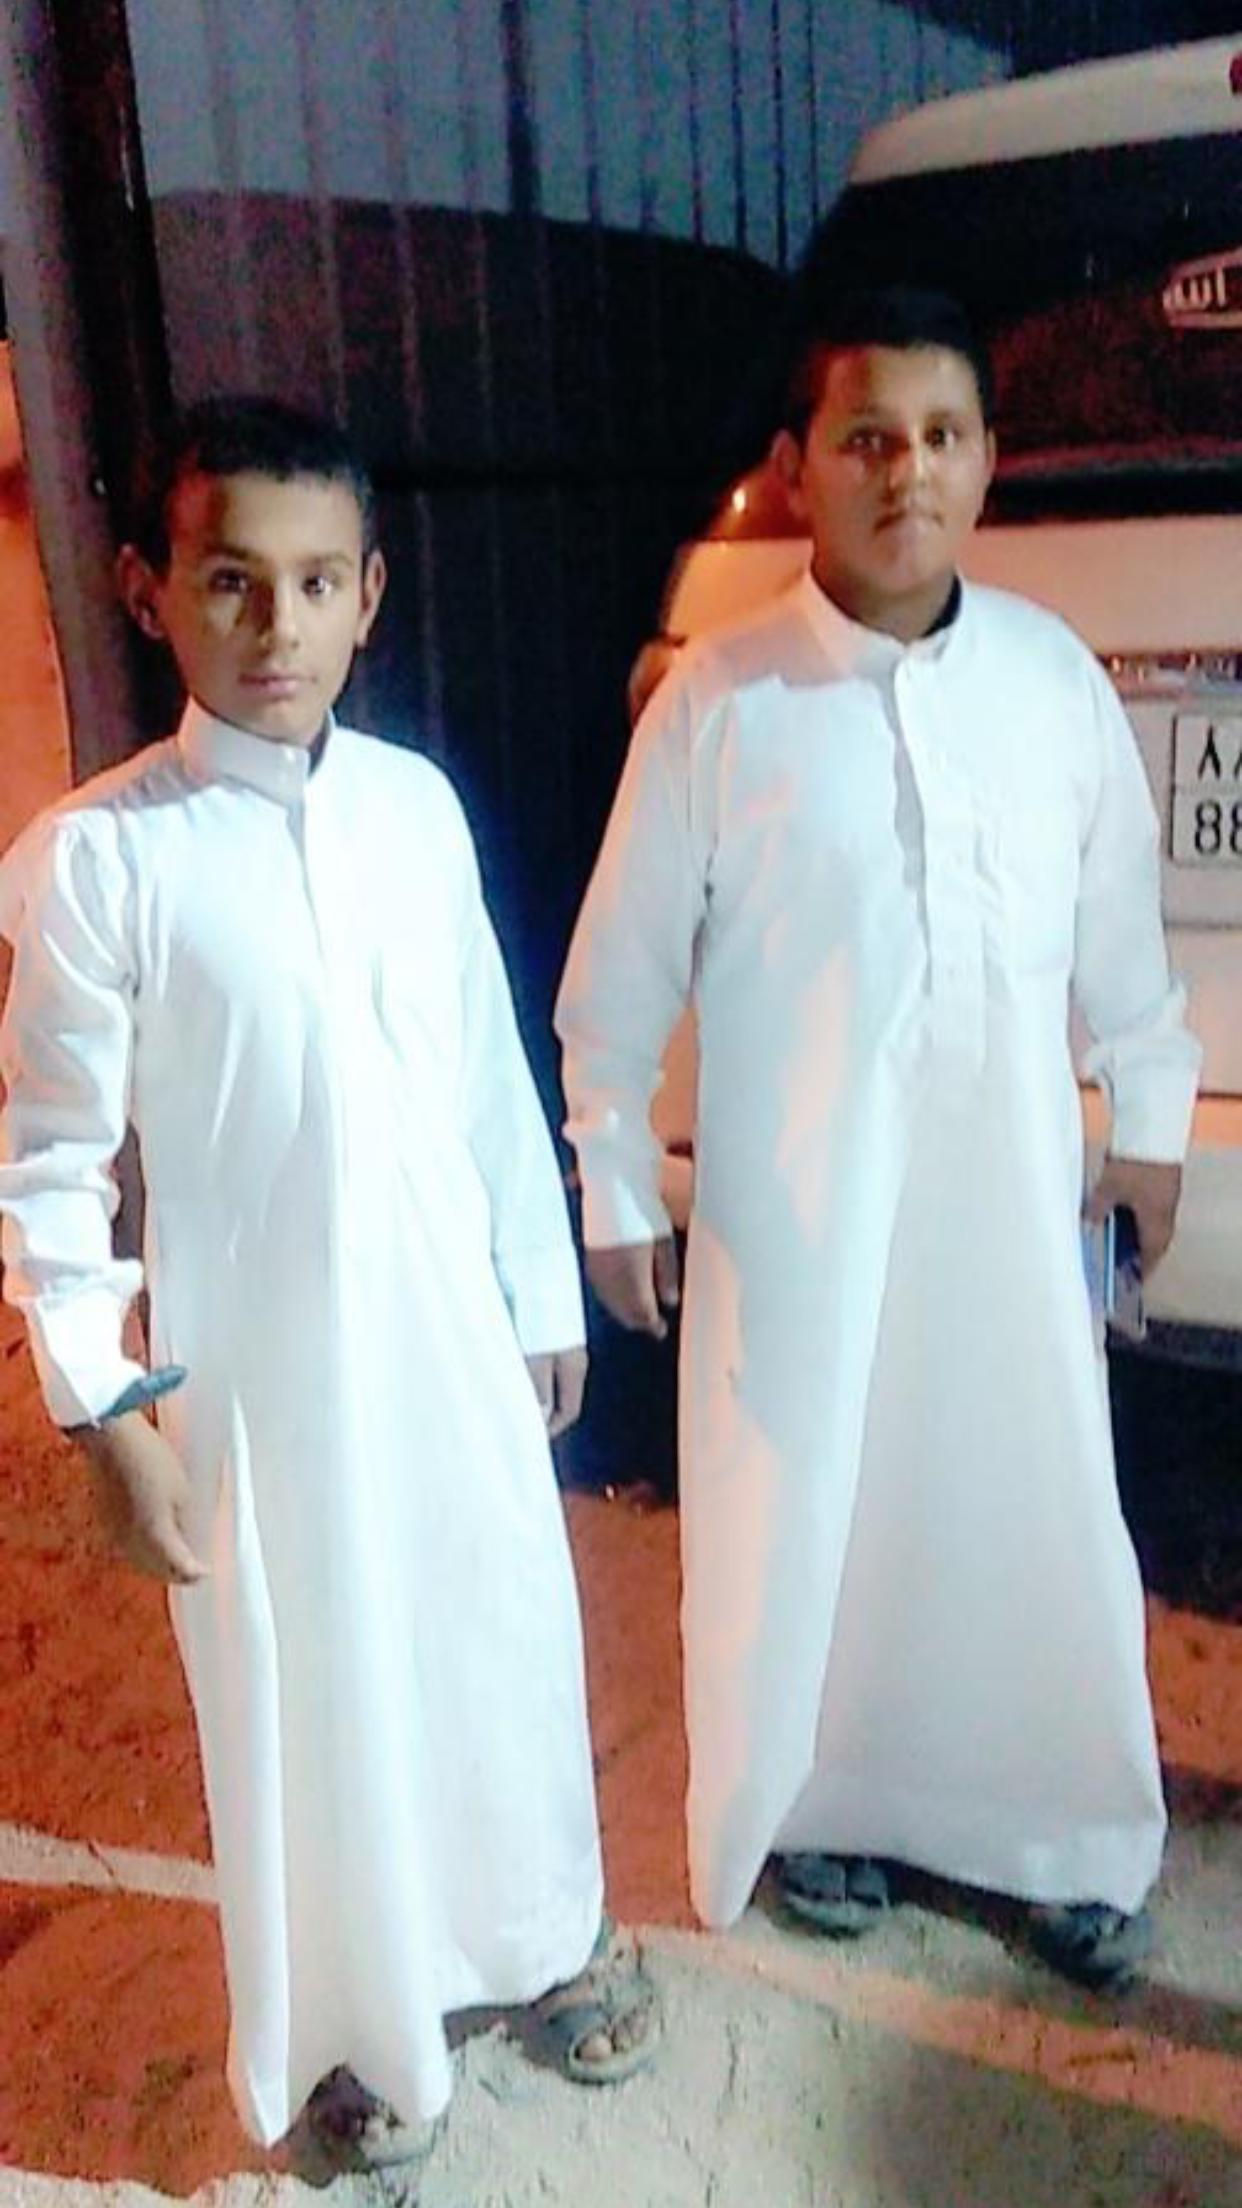 الشاب / حمدان فرج الجحم البلوي يحتفل بزواجه 28EE88E1 C18D 4C7F 9478 6688B552170B